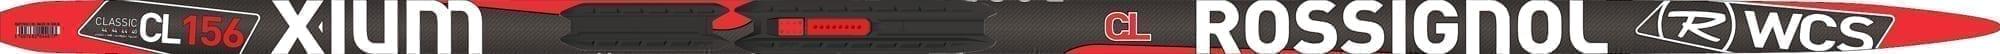 Rossignol X-ium classic WCS jr. 146-186cm